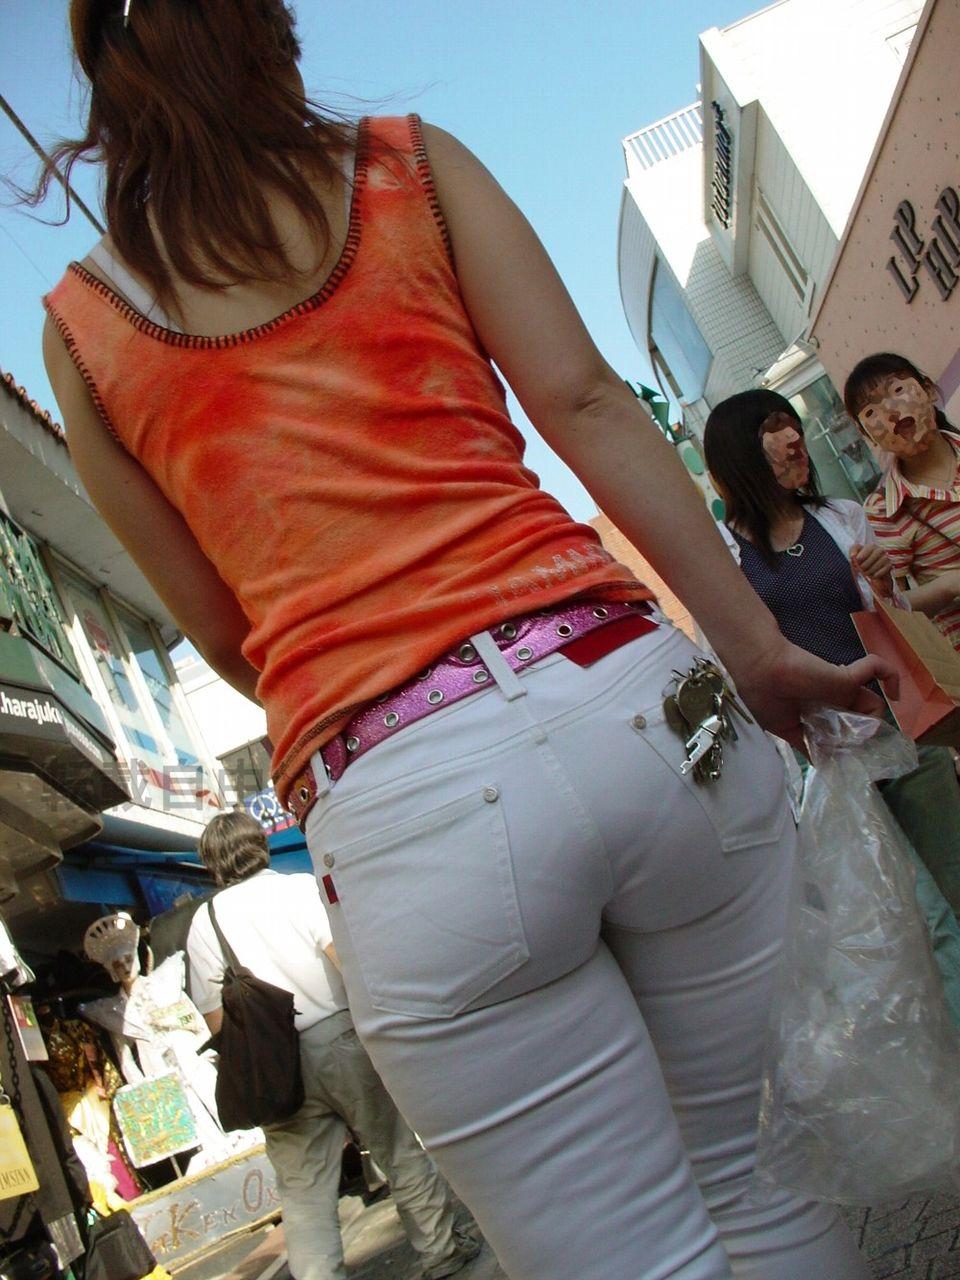 ミニスカやピタパンのパツパツお尻の街撮り素人エロ画像3